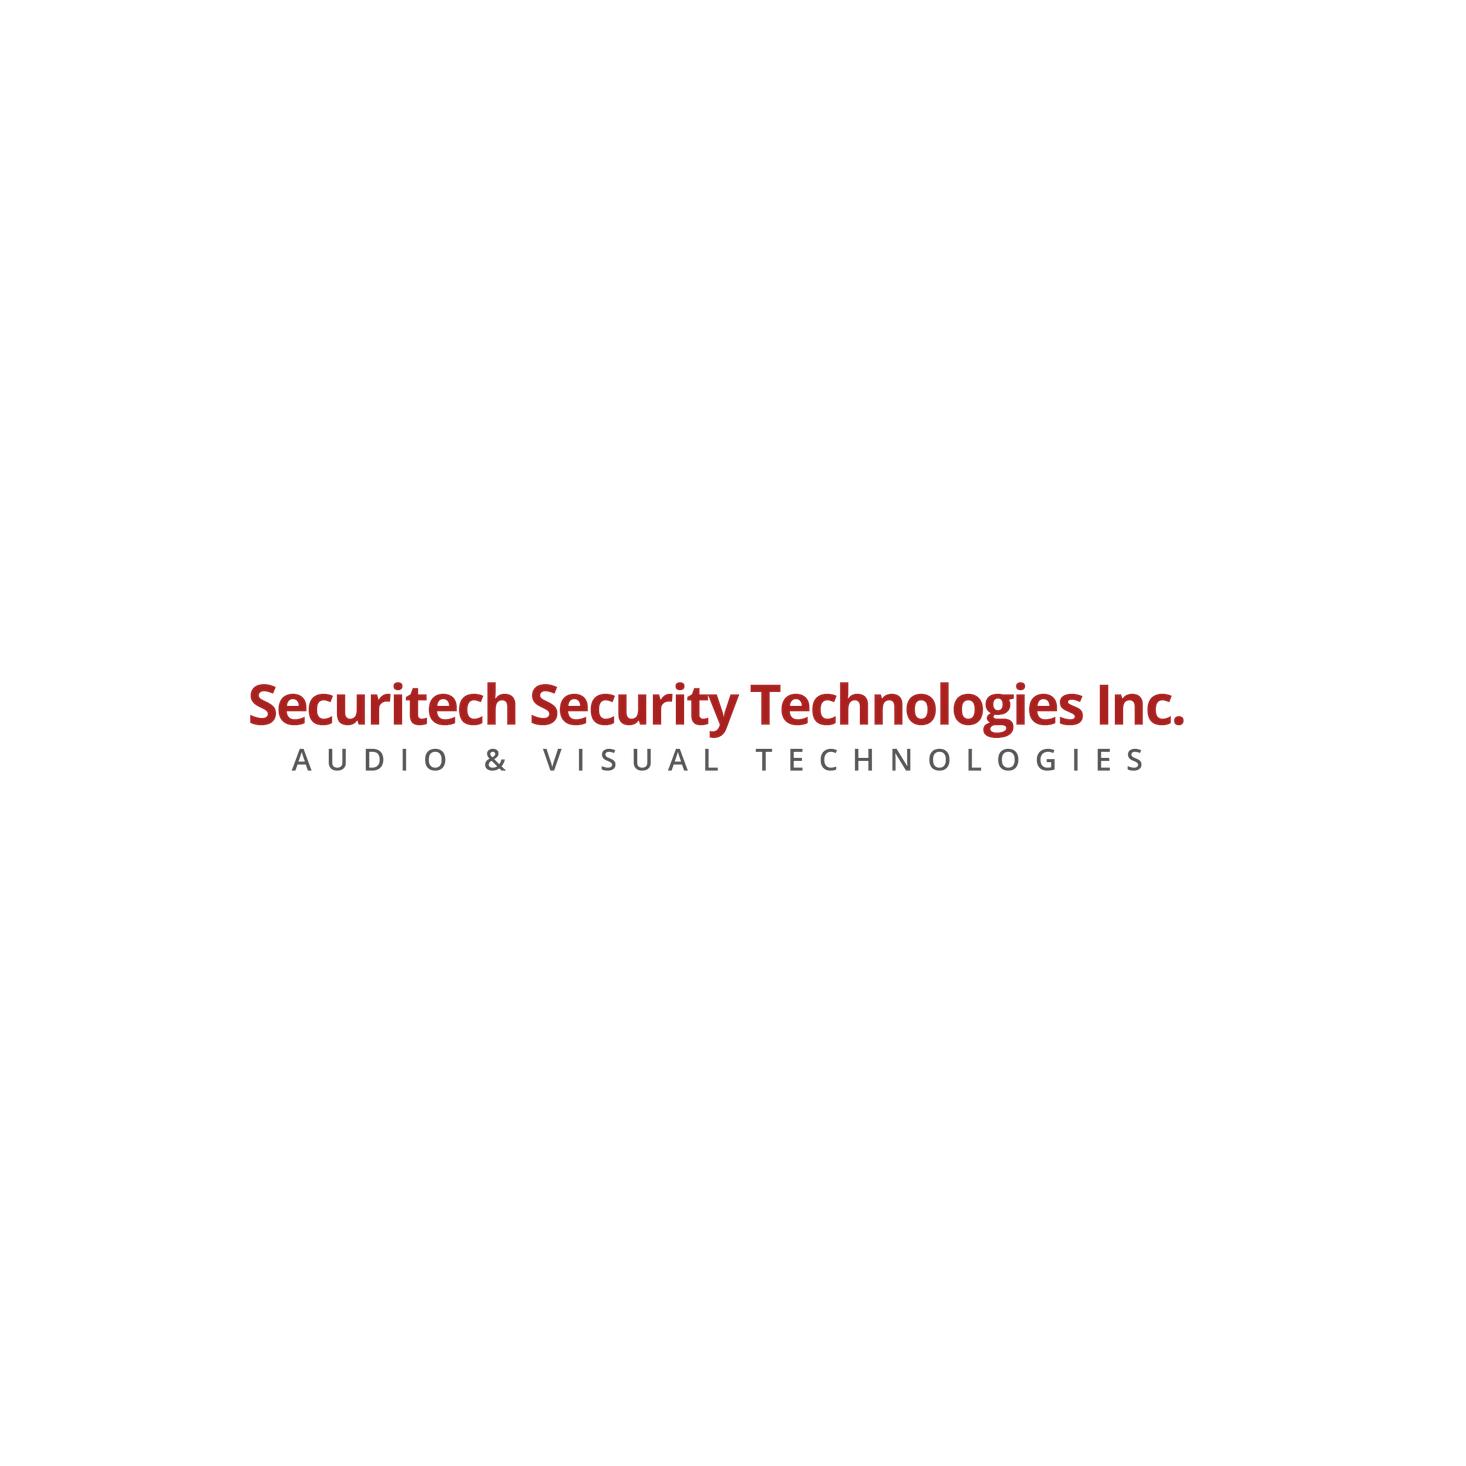 Securitech Security Technologies, Inc.